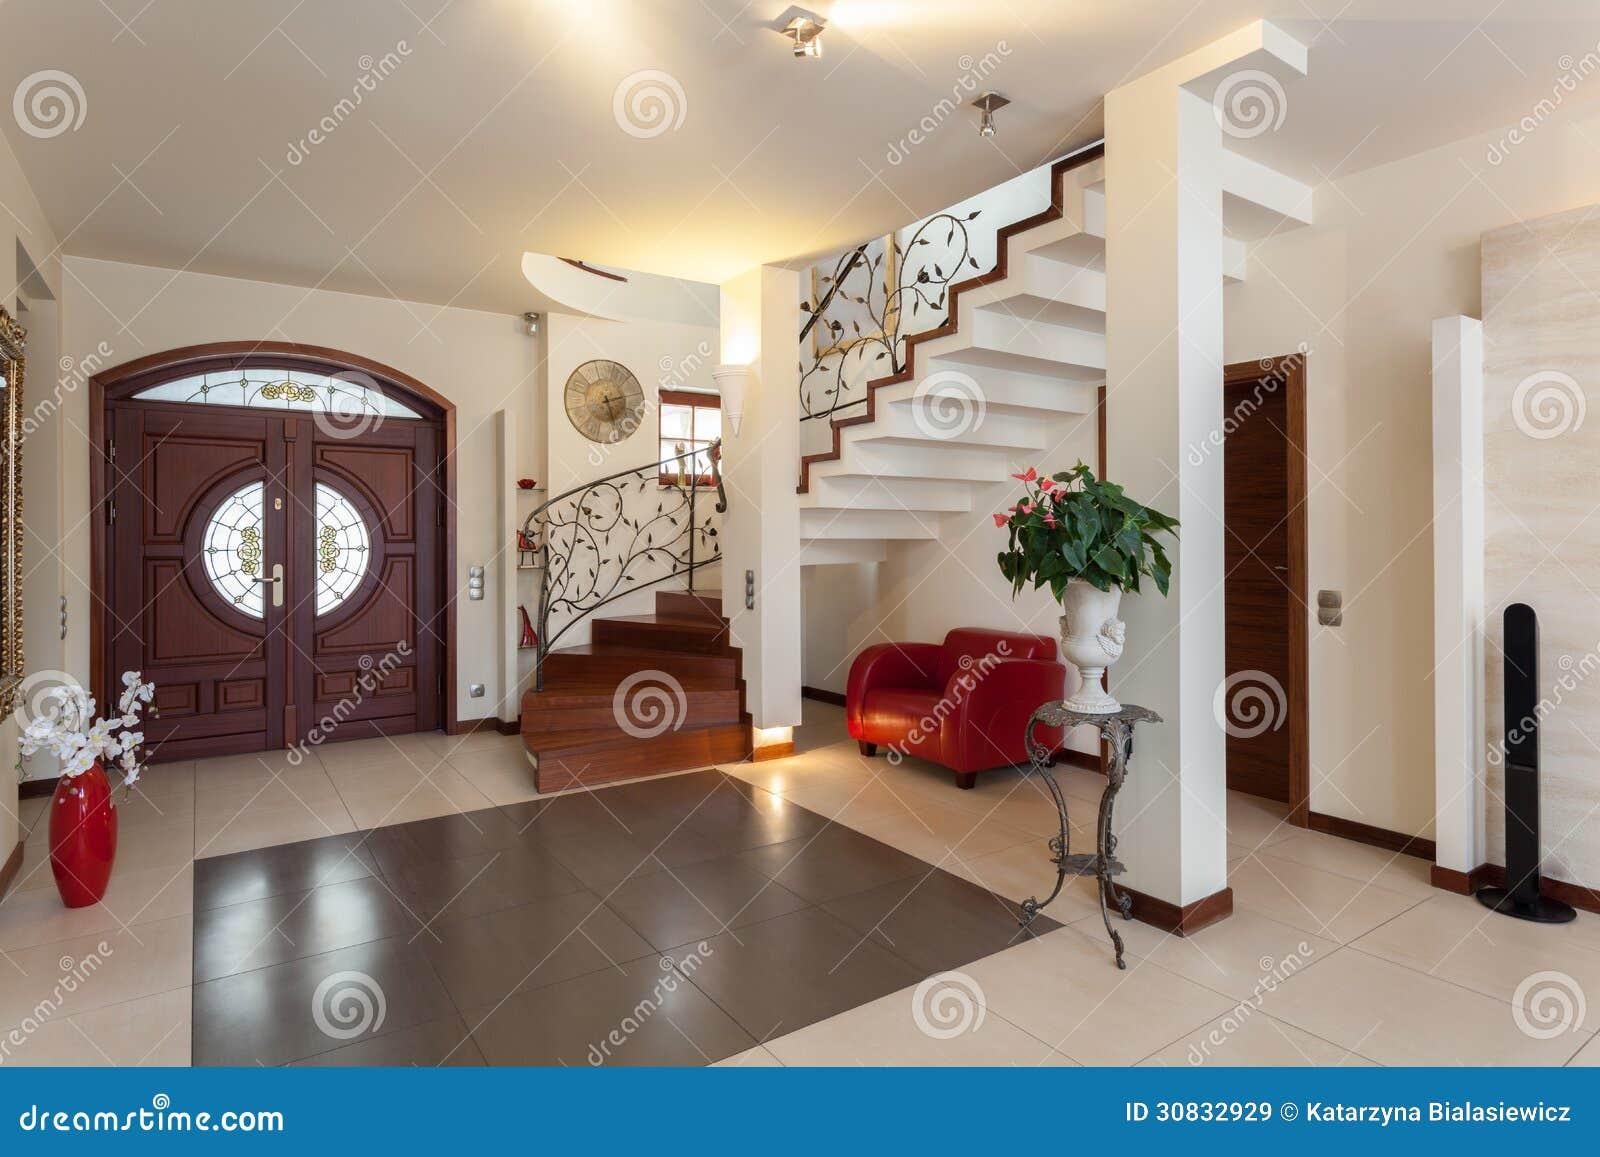 Elegant huis ingang royalty vrije stock afbeeldingen afbeelding 30832929 - Ingang van een huis ...